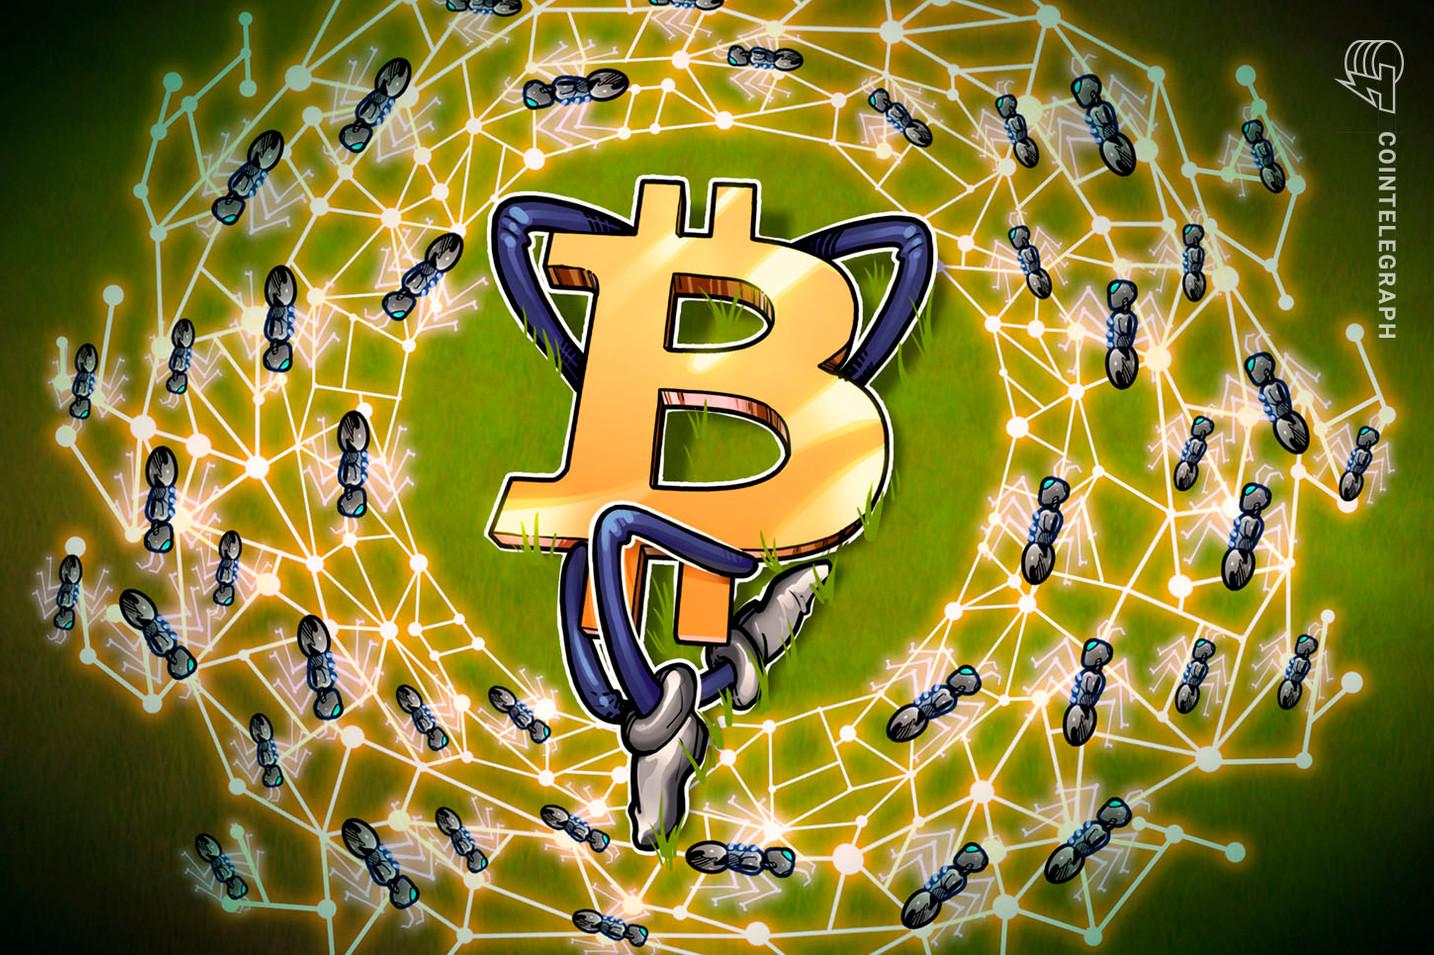 Bitcoin ağındaki düğüm (node) sayısı rekor kırdı